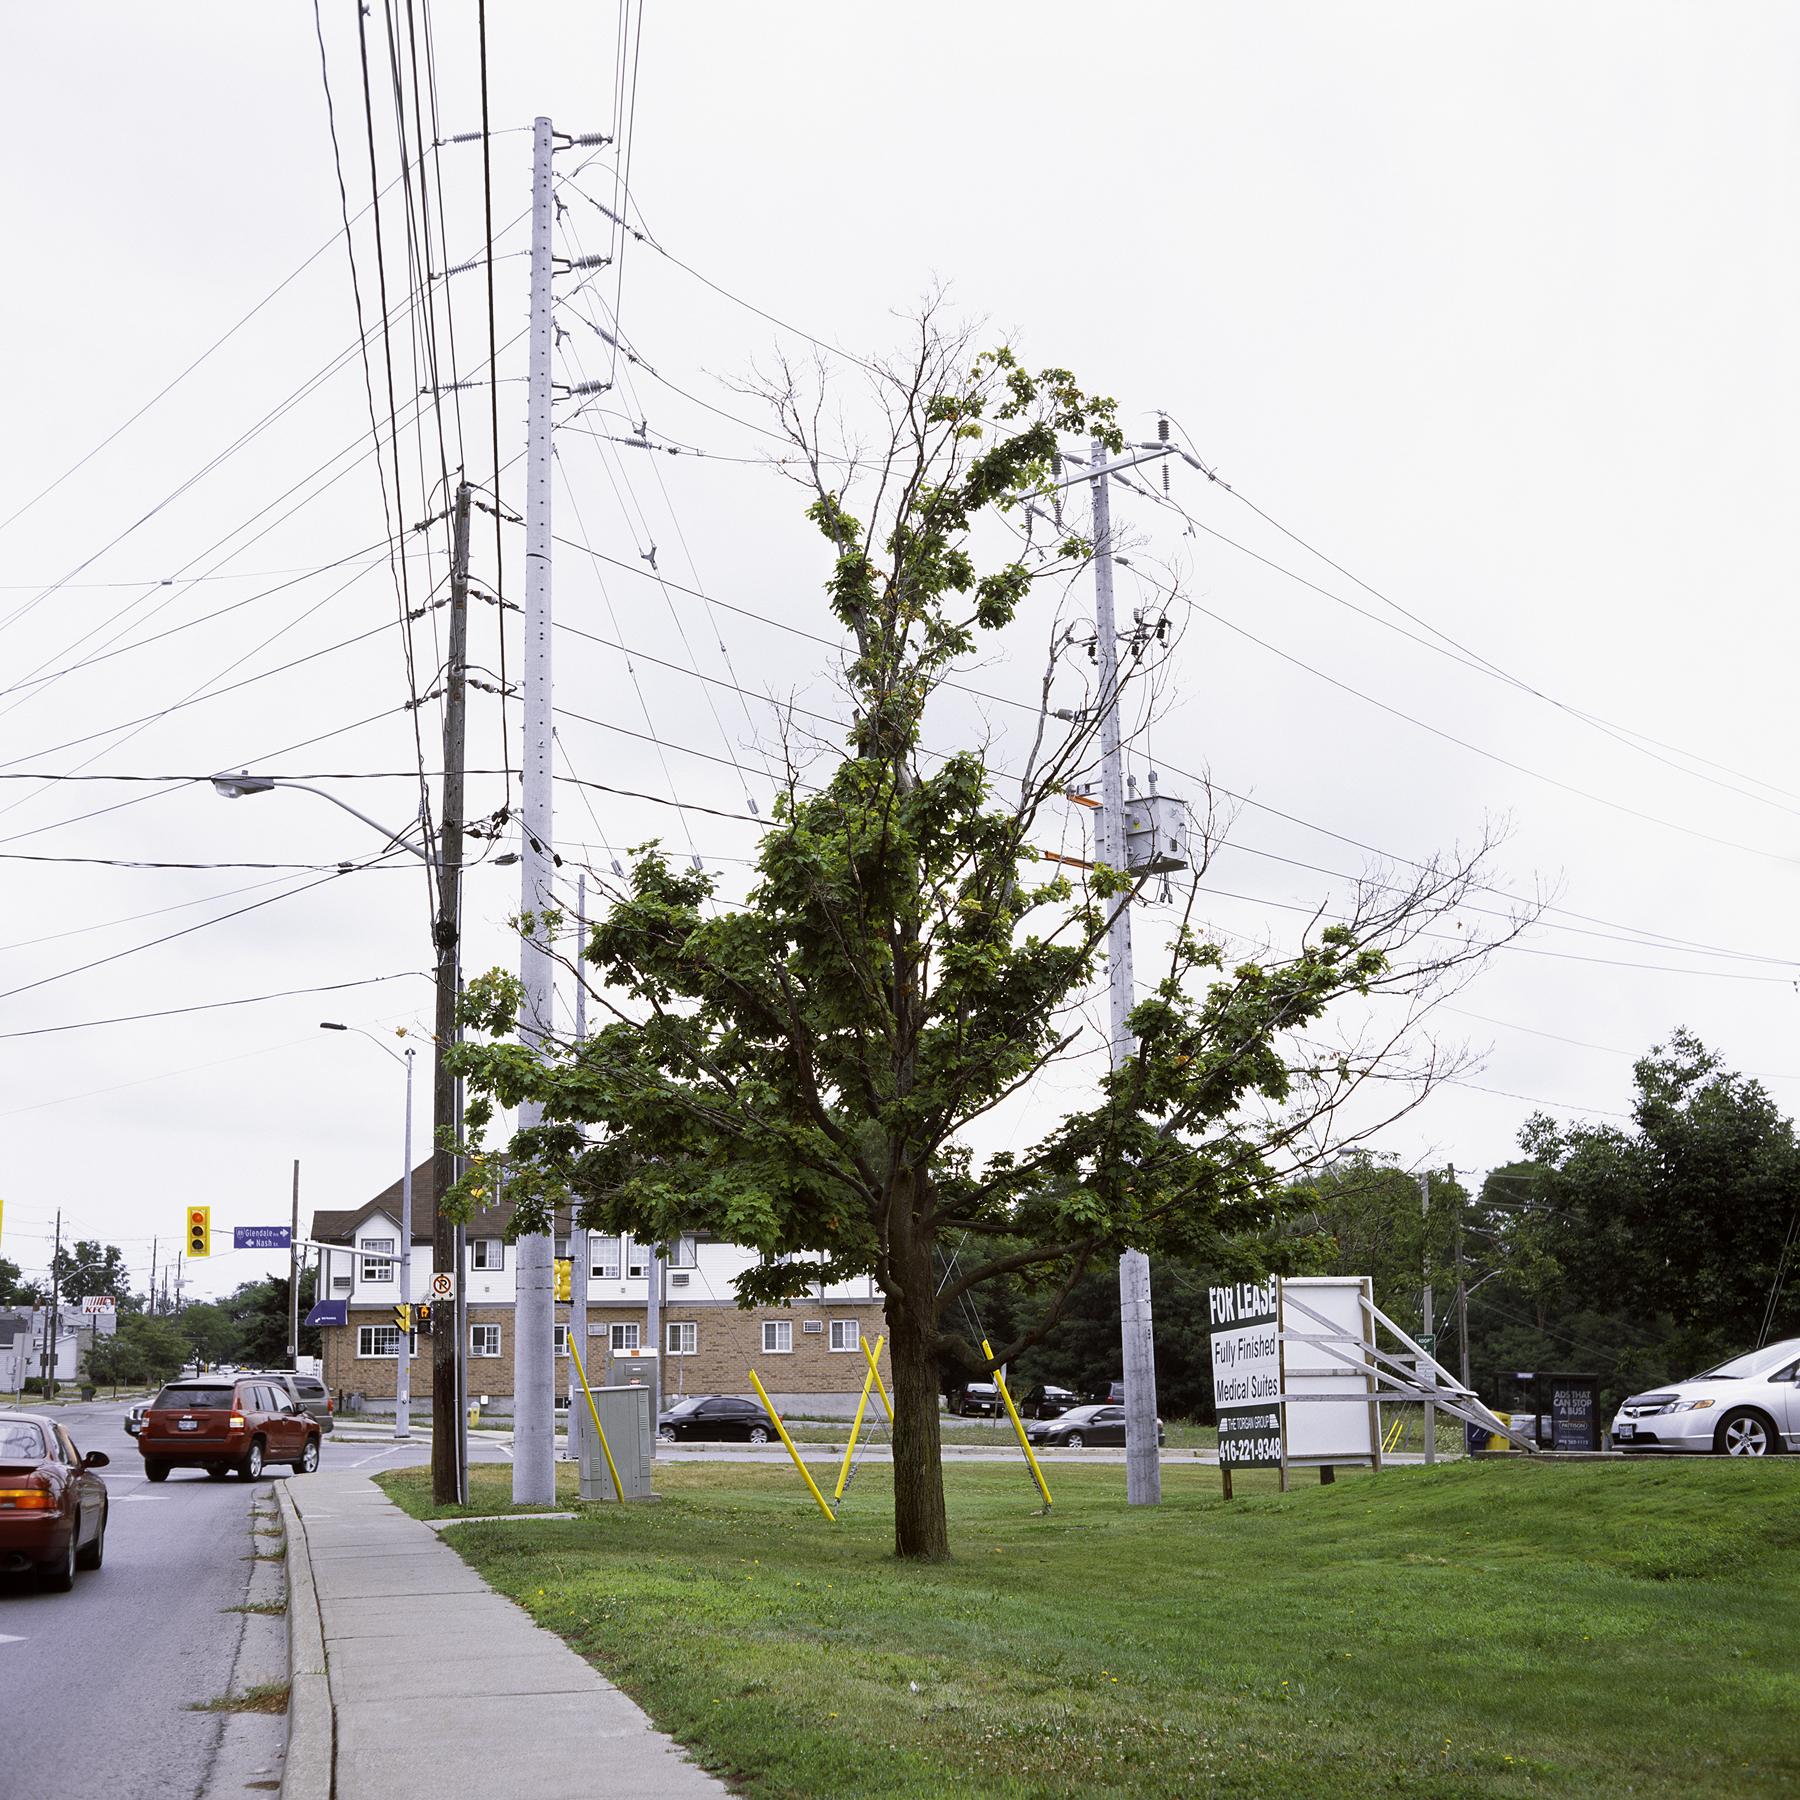 Pelham Rd., 2013